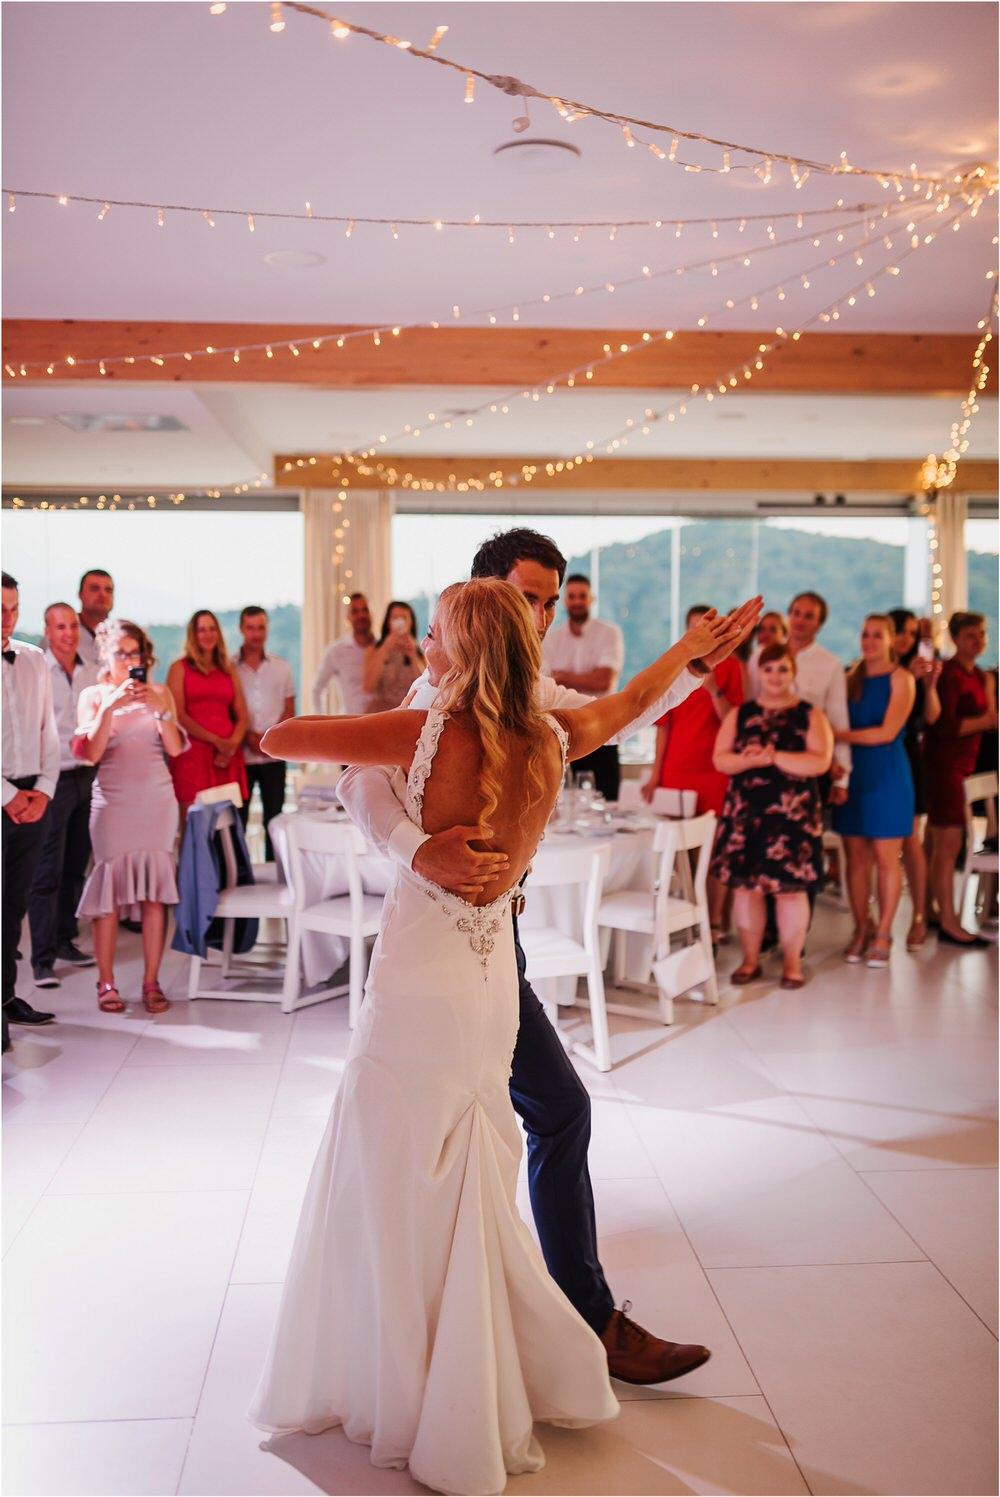 tri lucke slovenija krsko posavje poroka porocni fotograf fotografiranje elegantna poroka vinograd classy elegant wedding slovenia 0087.jpg